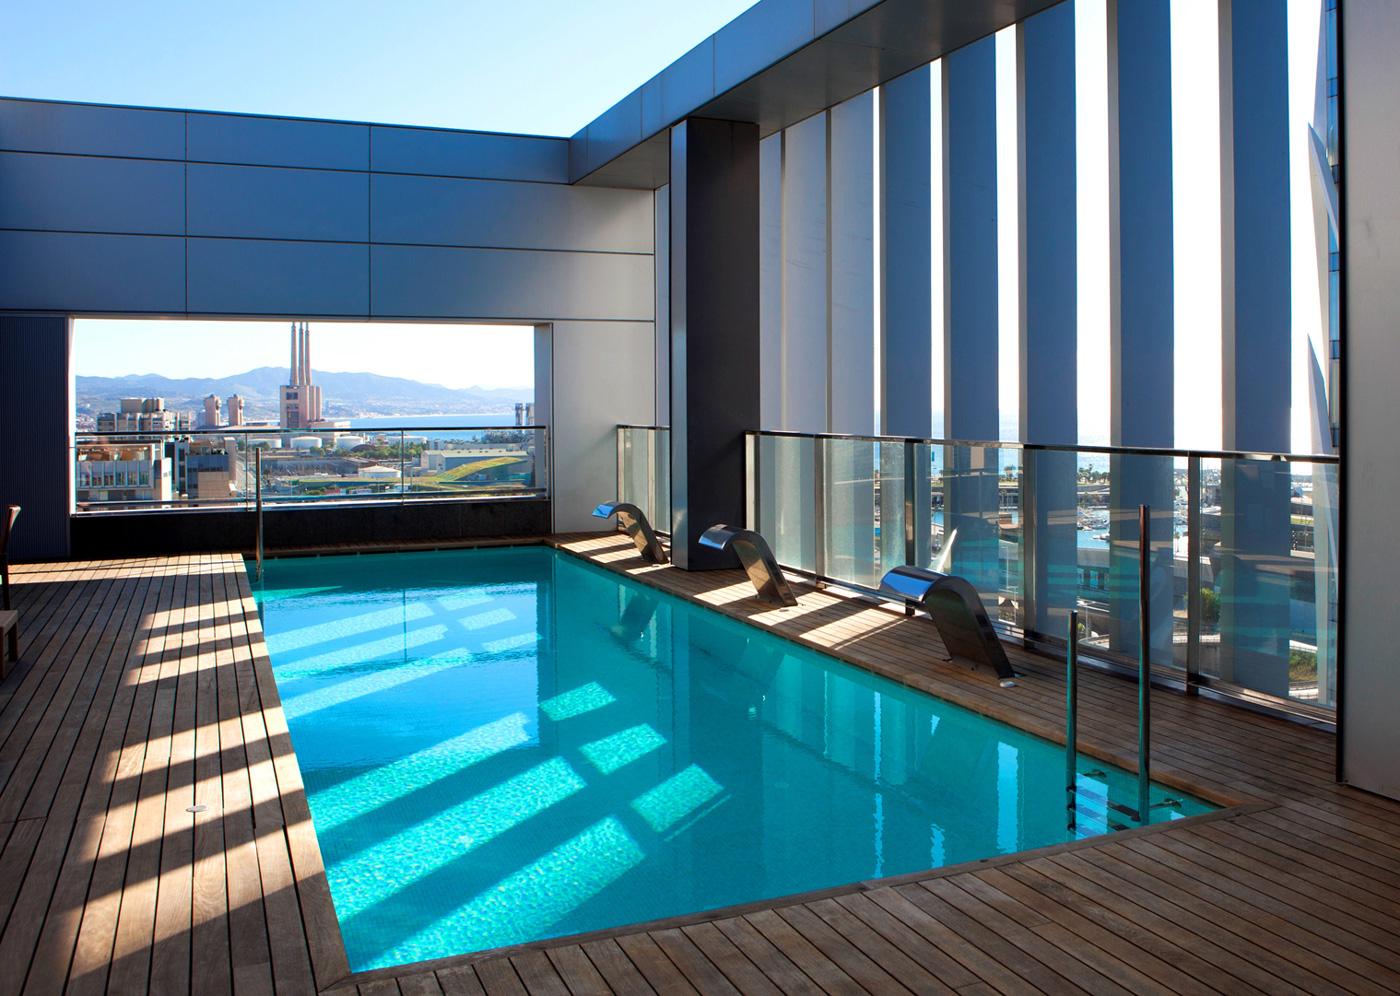 Na   8 Hôtels À Barcelone Avec Piscine destiné Hotel Barcelone Avec Piscine